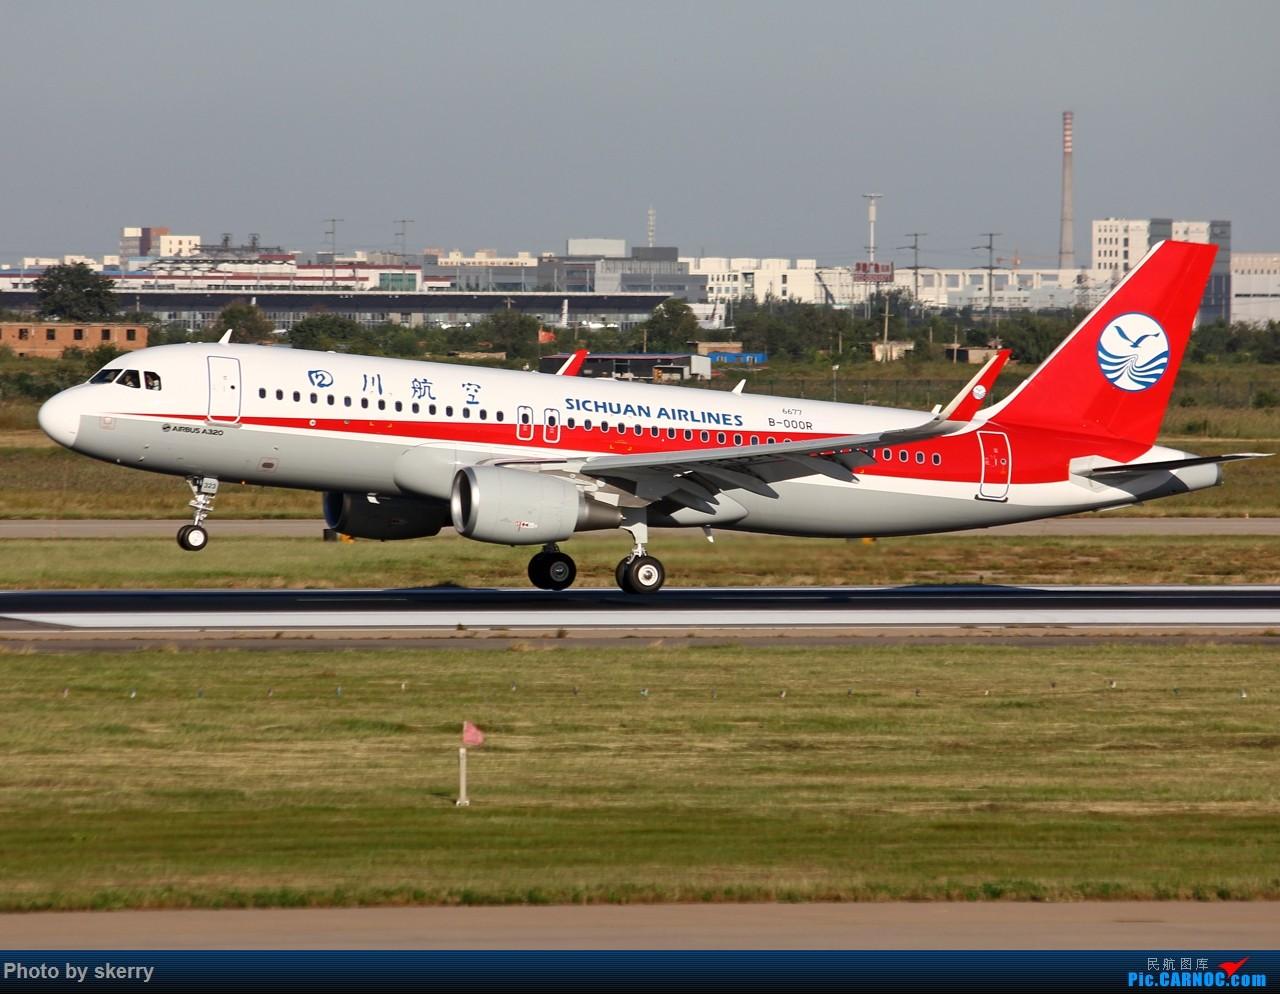 [原创]***【TSN飞友会】何时才有好天气!*** AIRBUS A320-200 B-000R 中国天津滨海国际机场